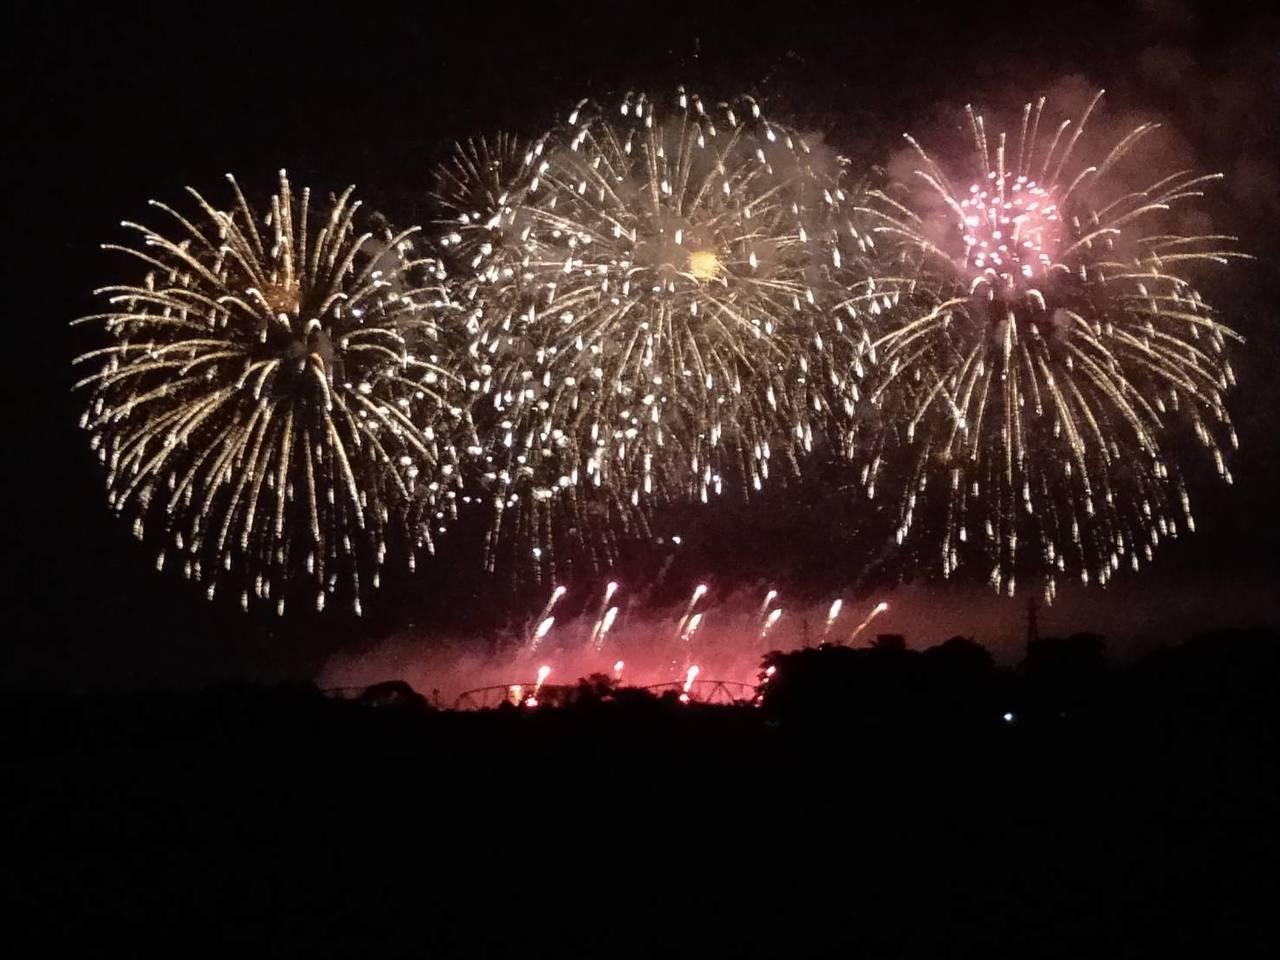 國慶焰火今晚試放5分鐘 照亮高屏夜空